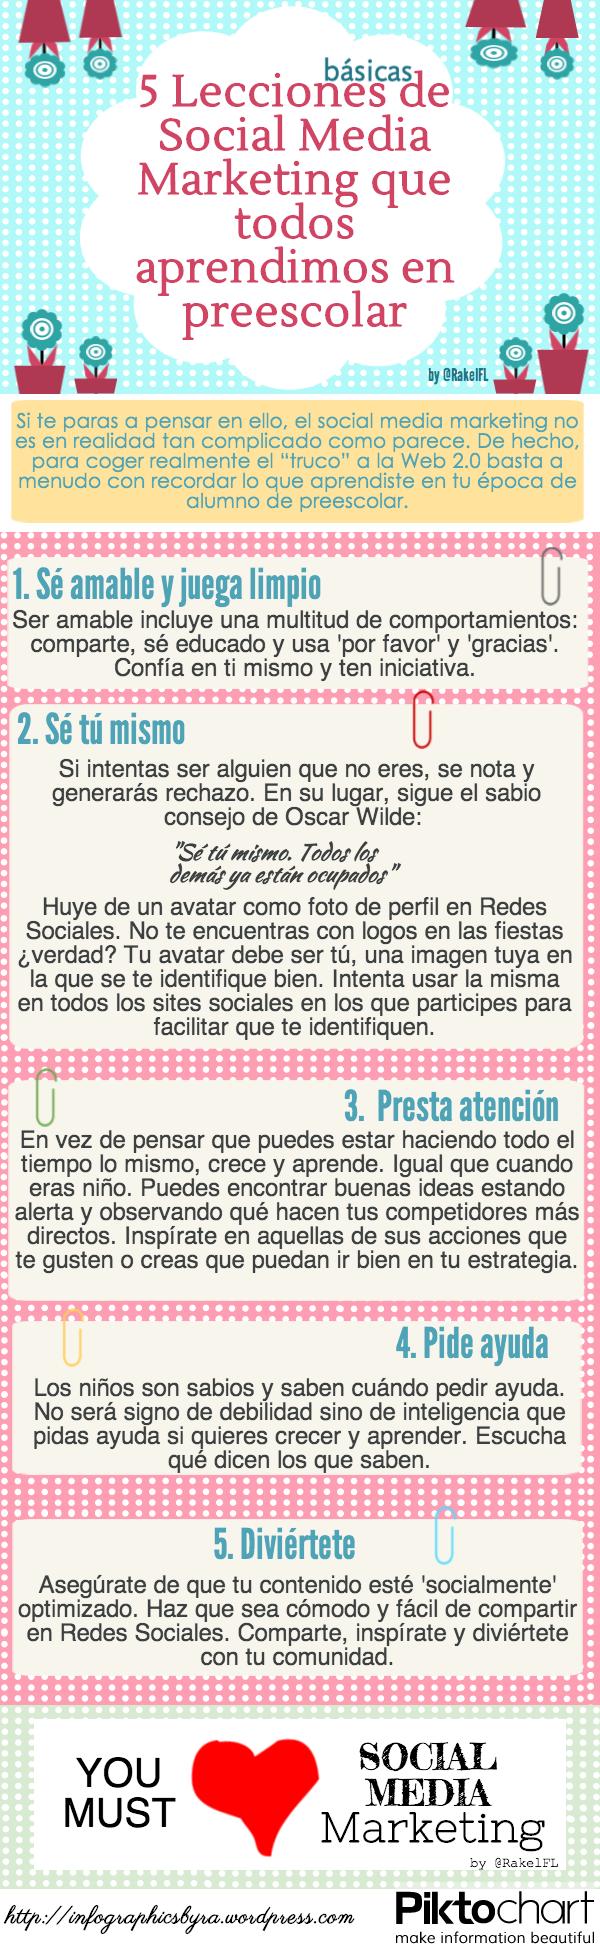 5 Lecciones Básicas de Social Media Marketing que todos aprendimos en preescolar [infografía en español], by @RakelFL